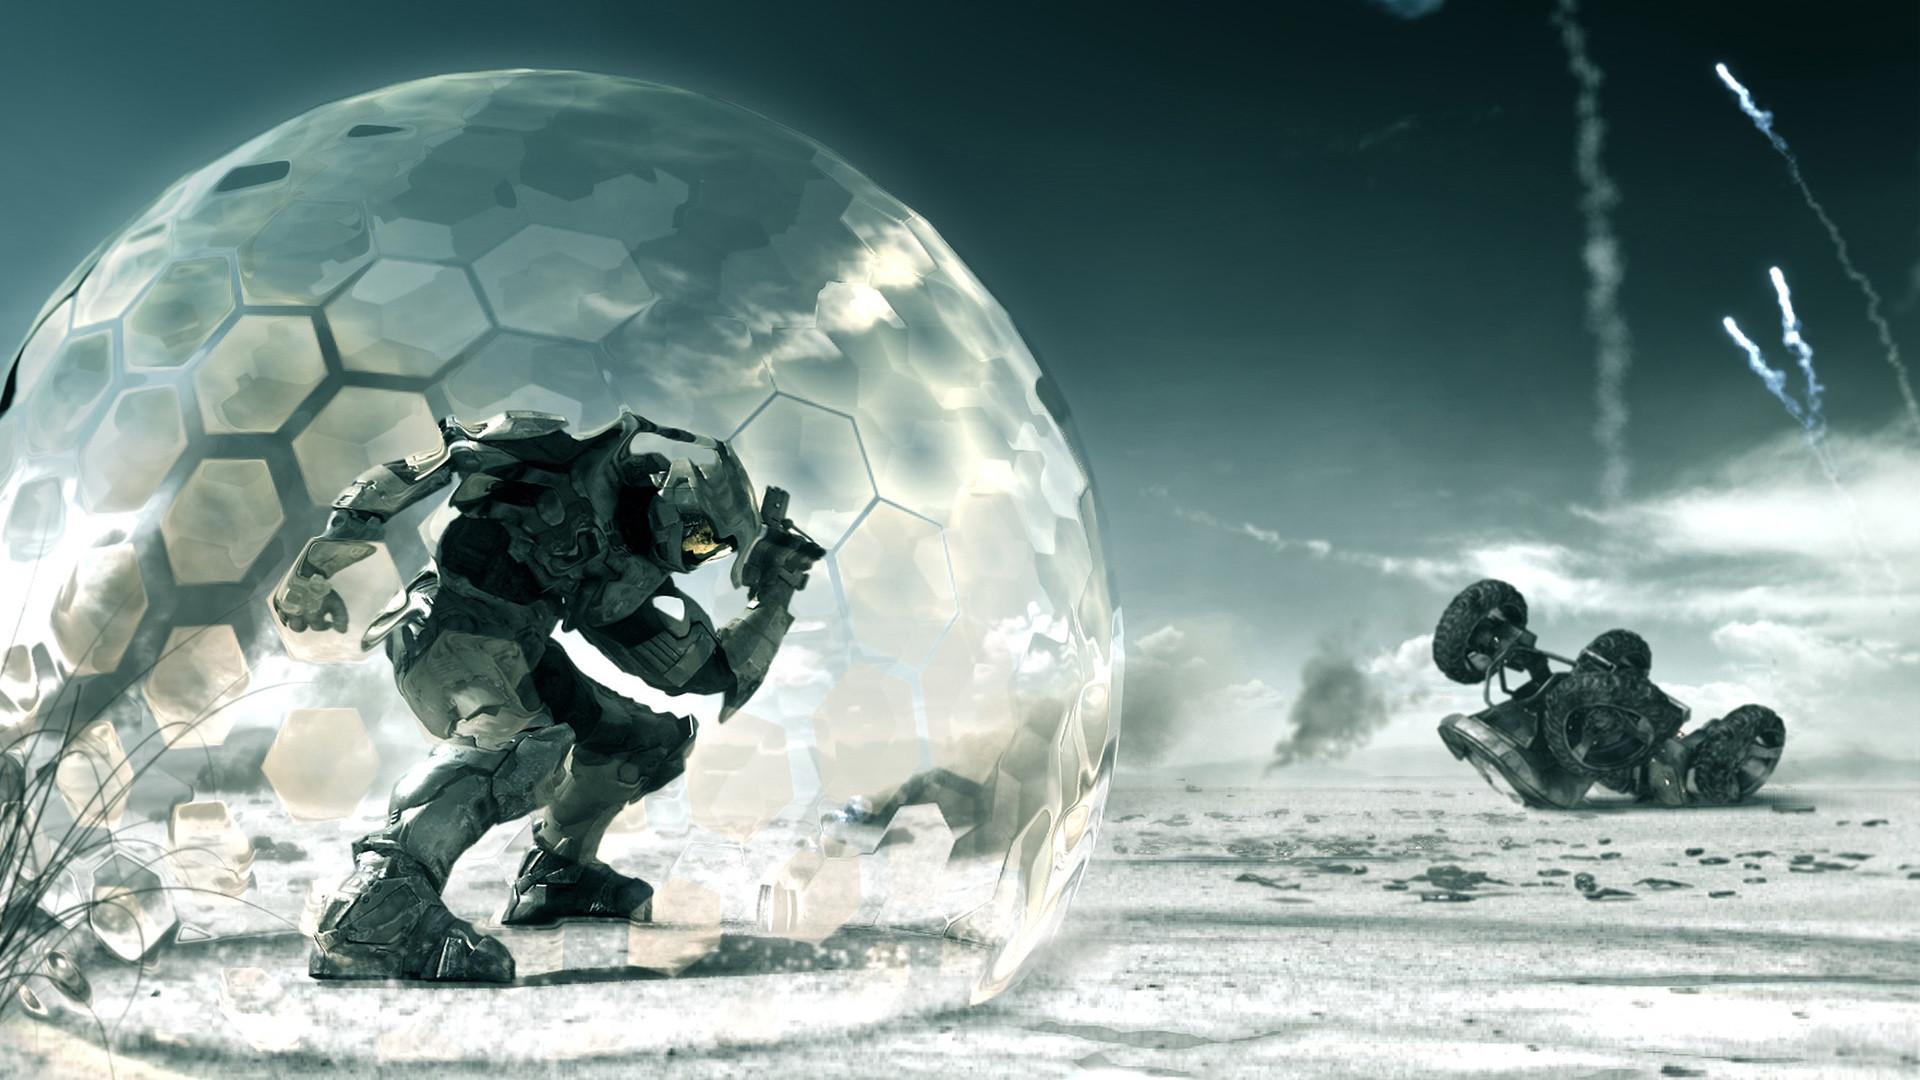 Coletânea de 'Halo' a caminho do PC?